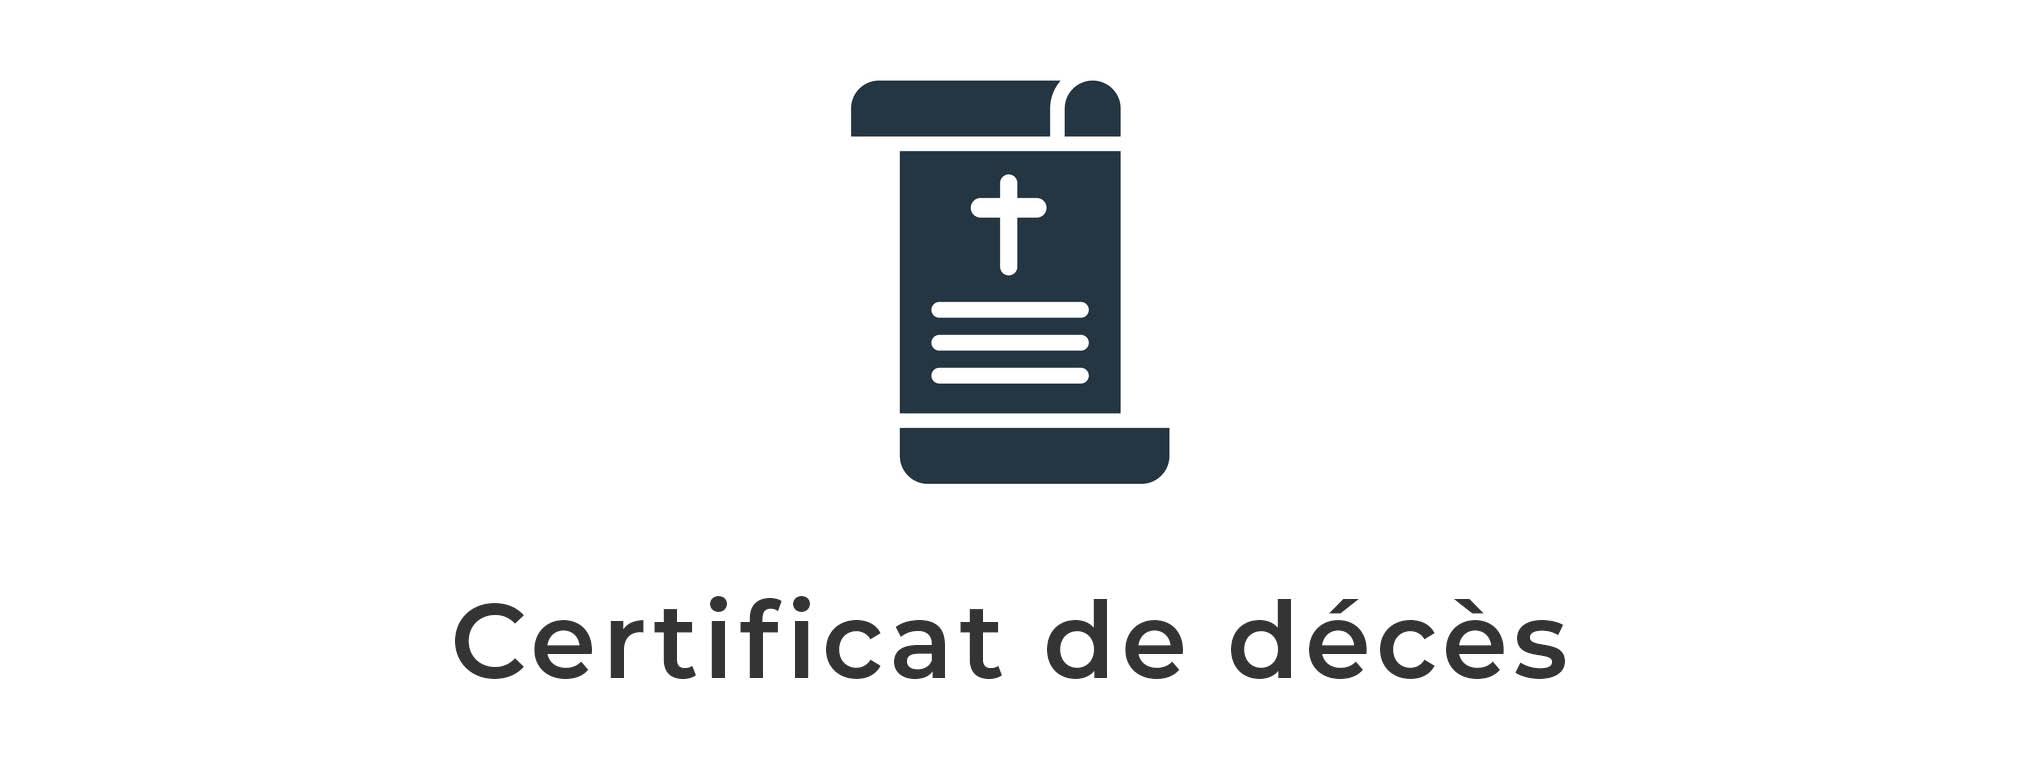 certificat de deces illustration